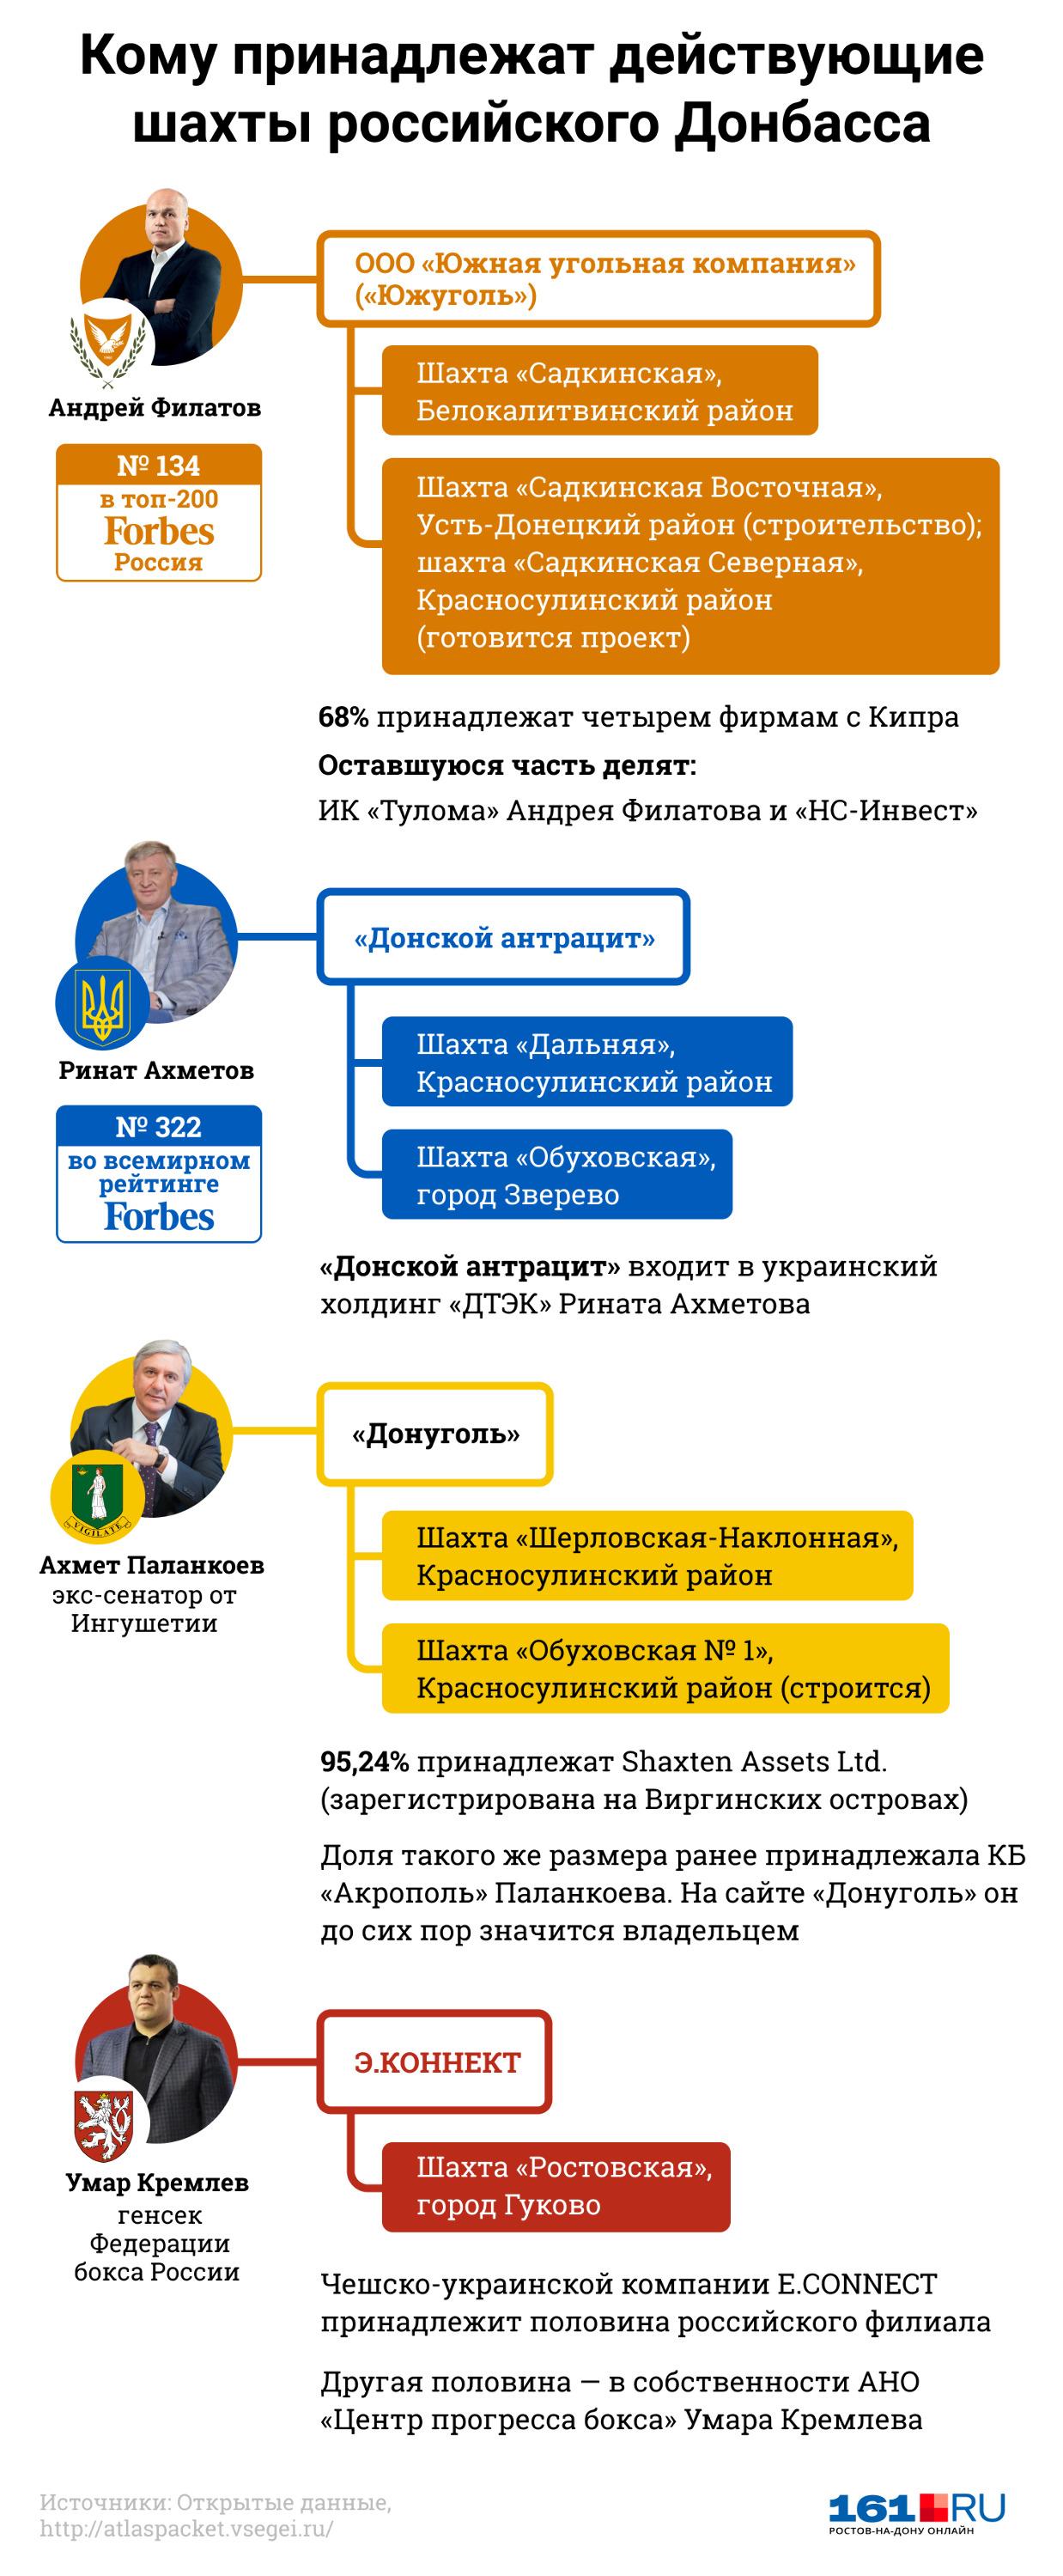 Ключевые владельцы шахт Восточного Донбасса